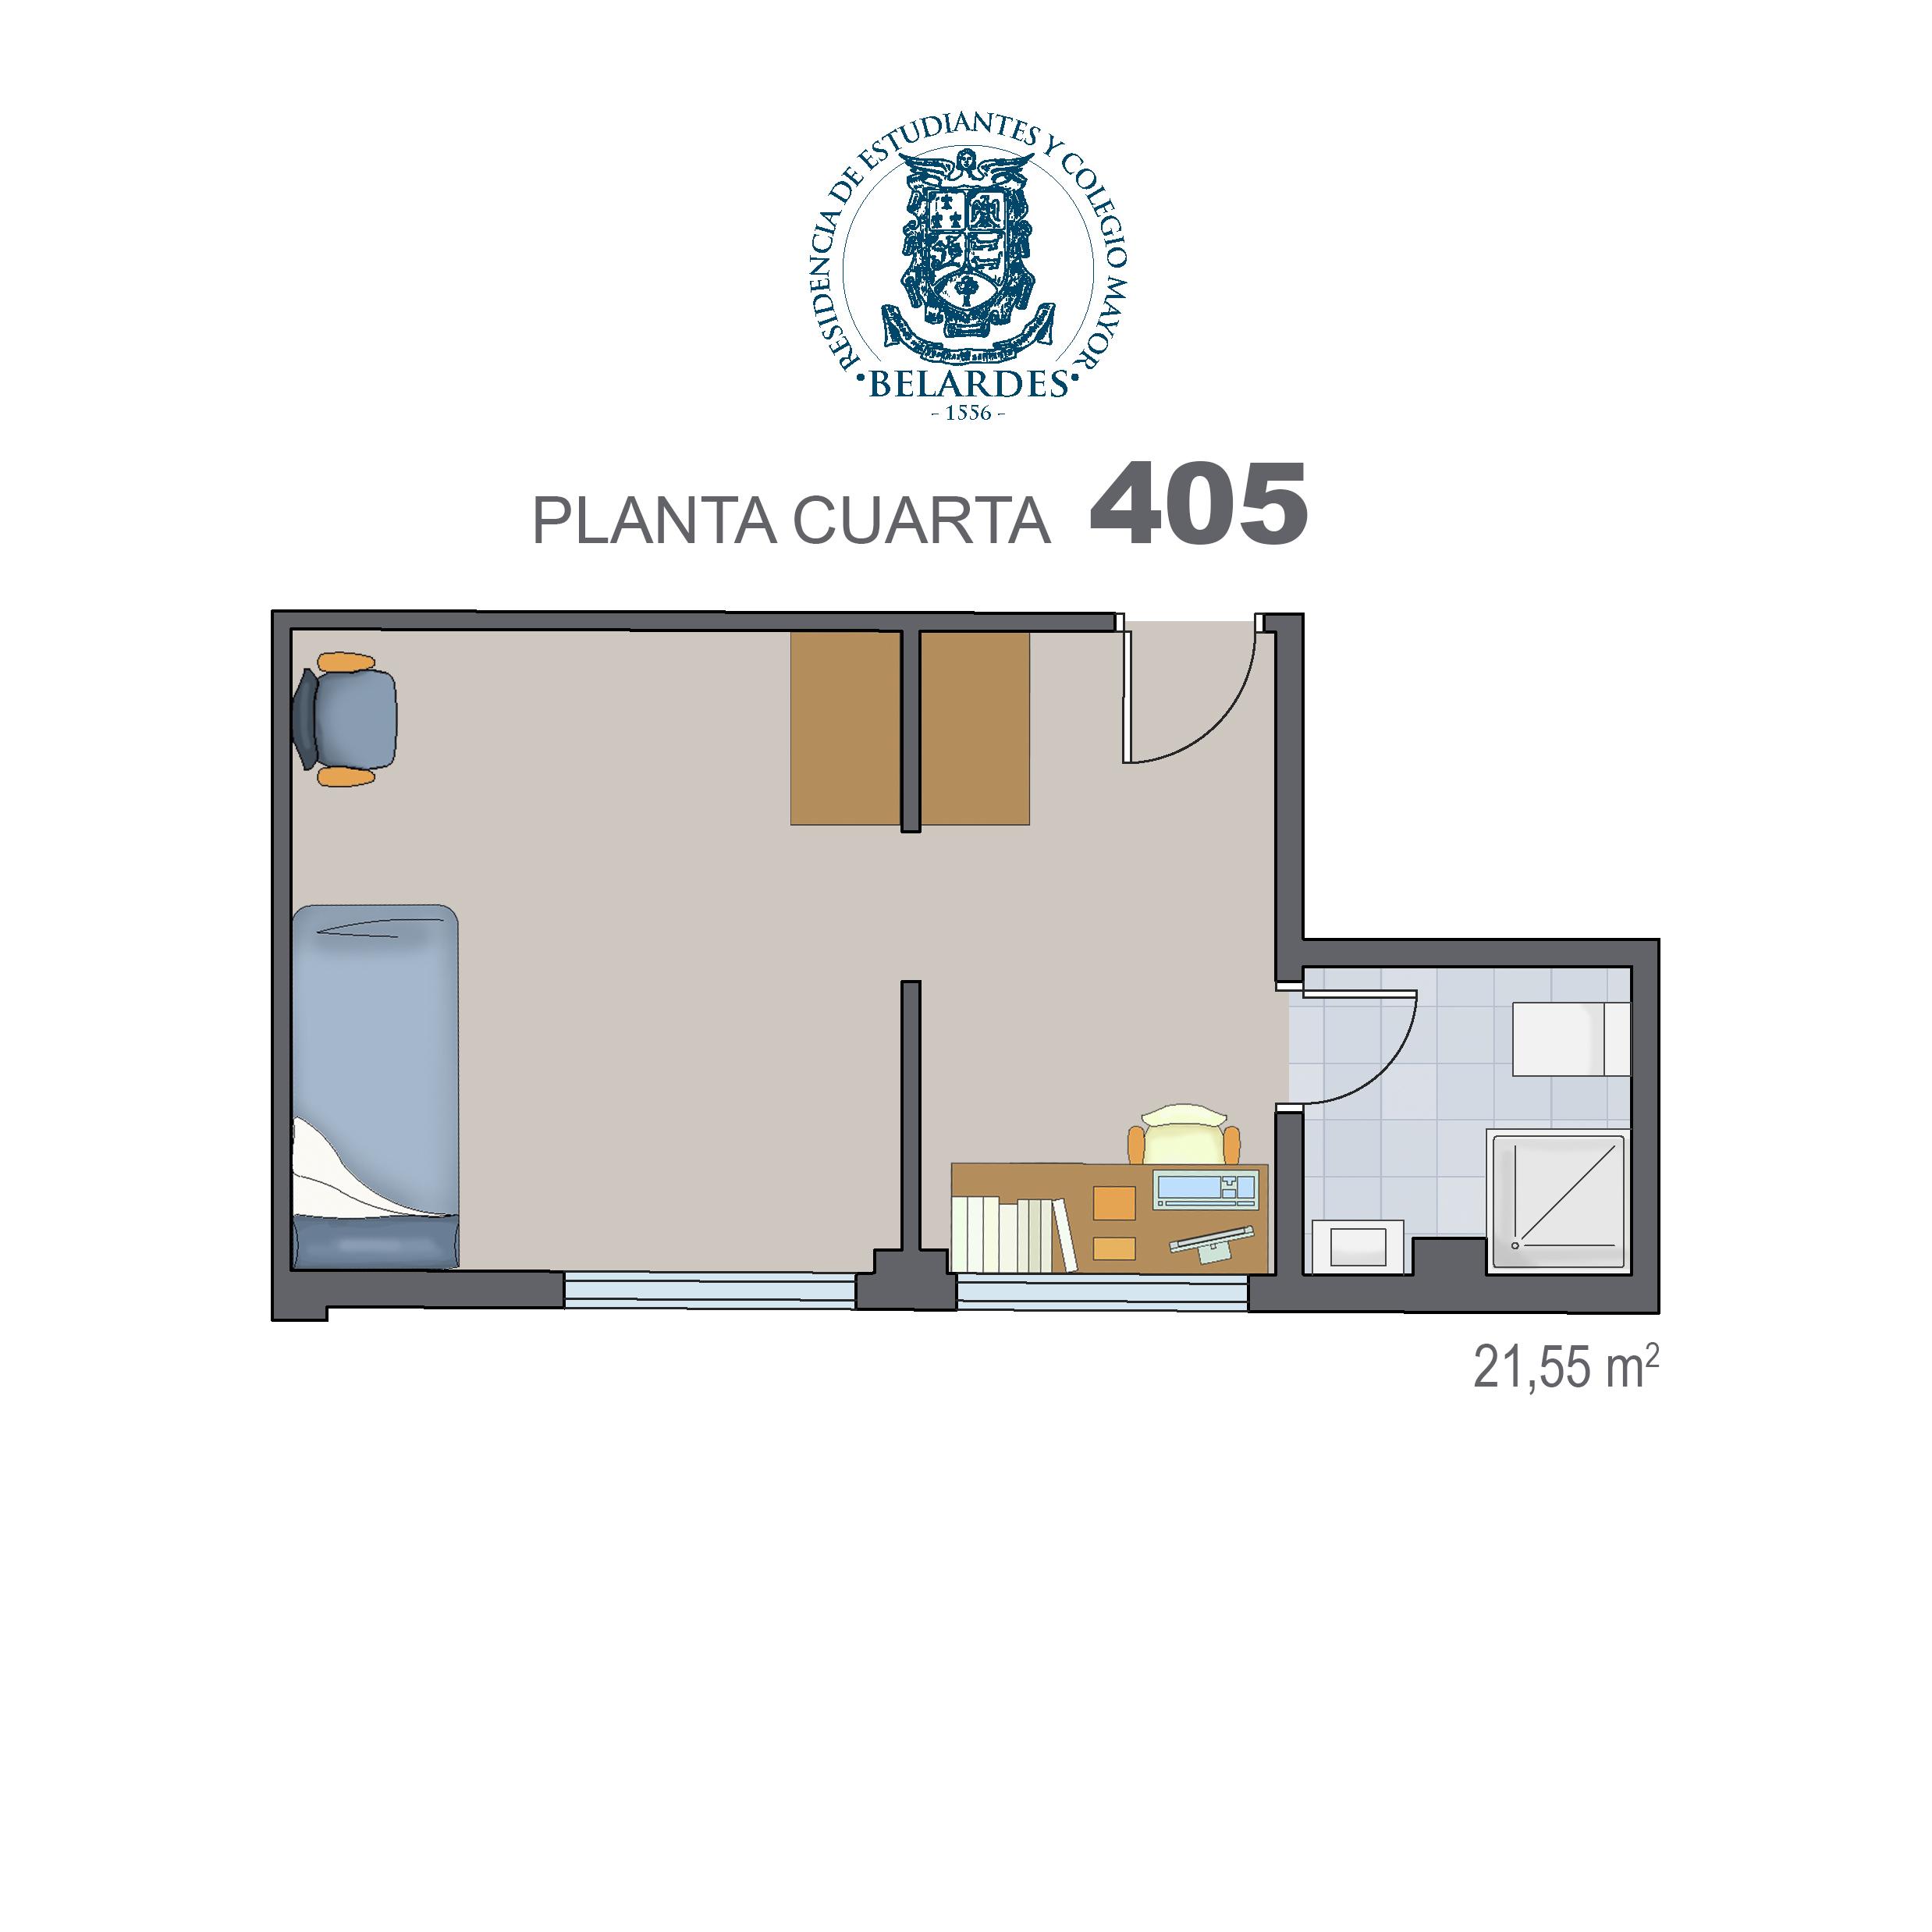 cuarta 405